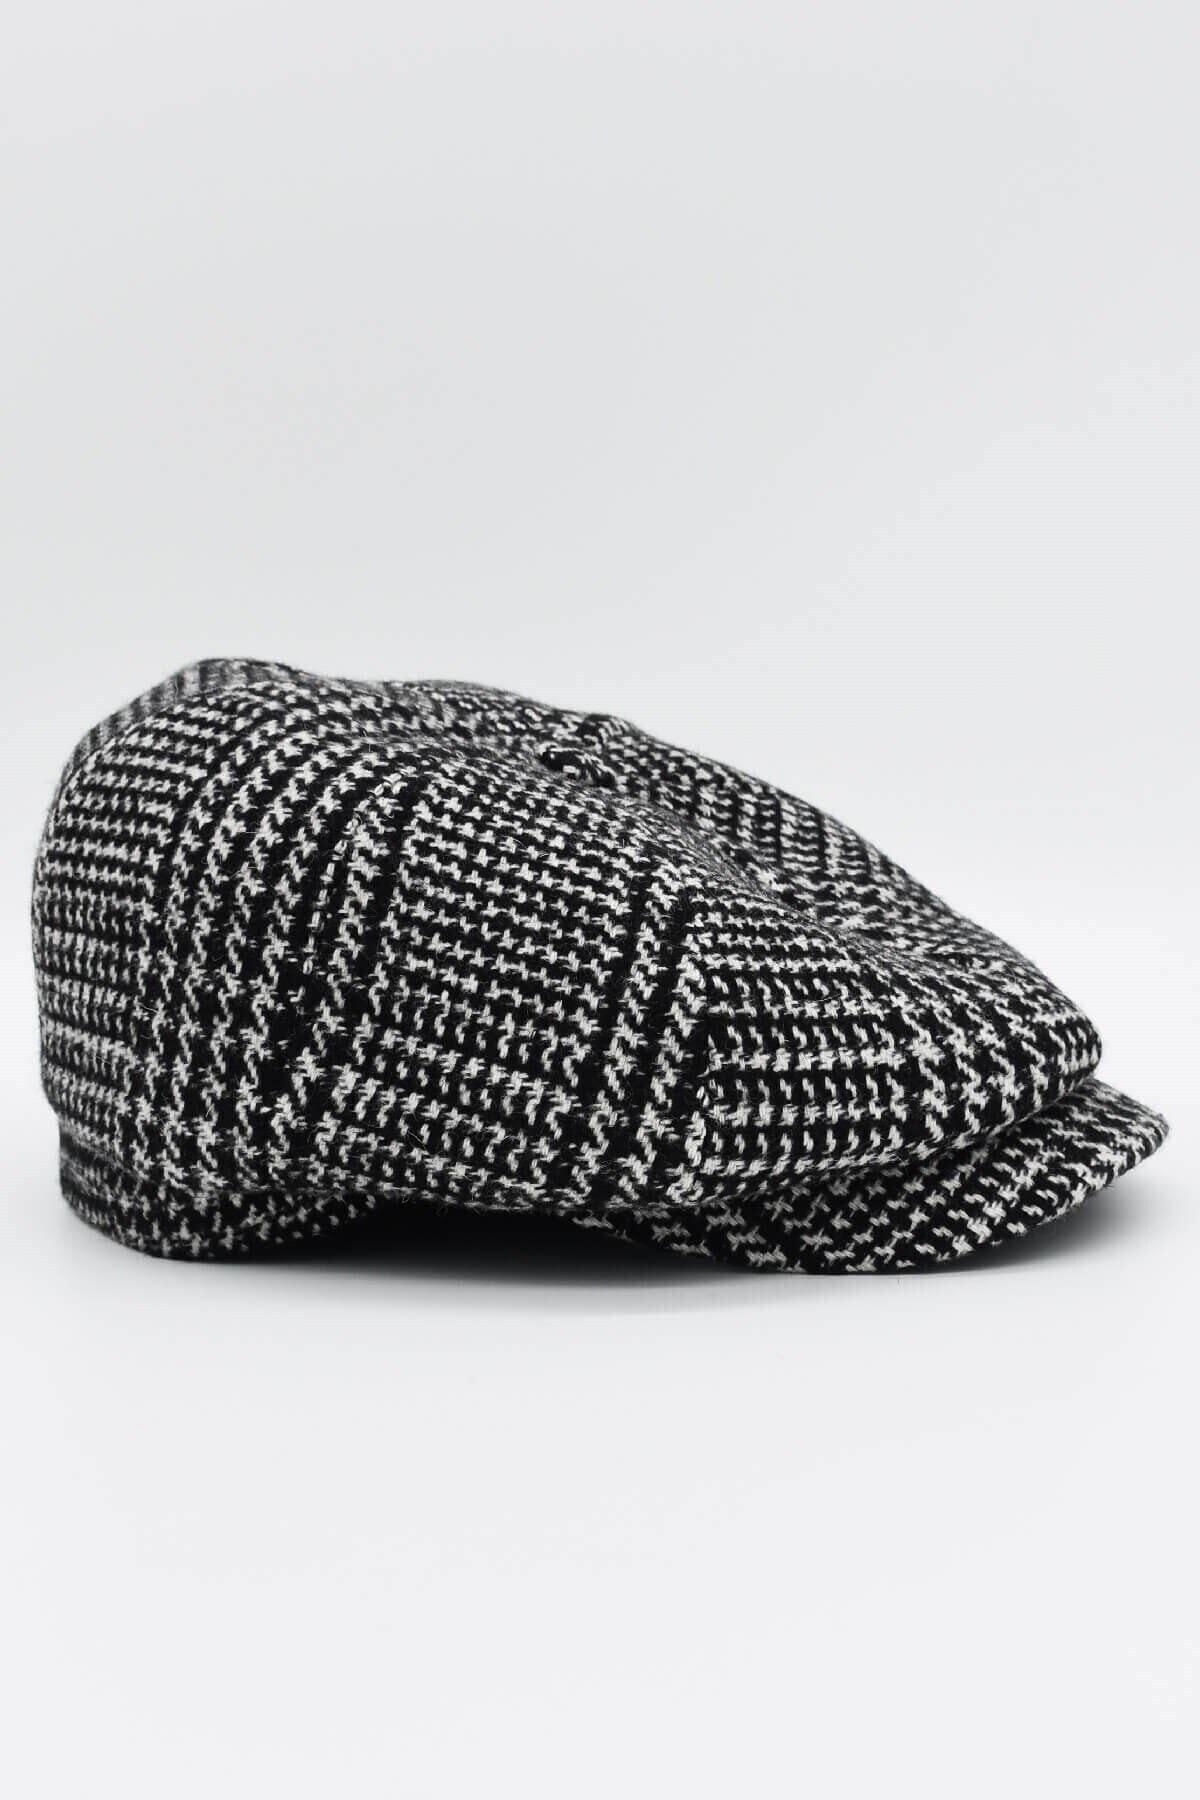 mercantoptan Erkek Siyah Ekoseli Yünlü Kasket Şapka 1